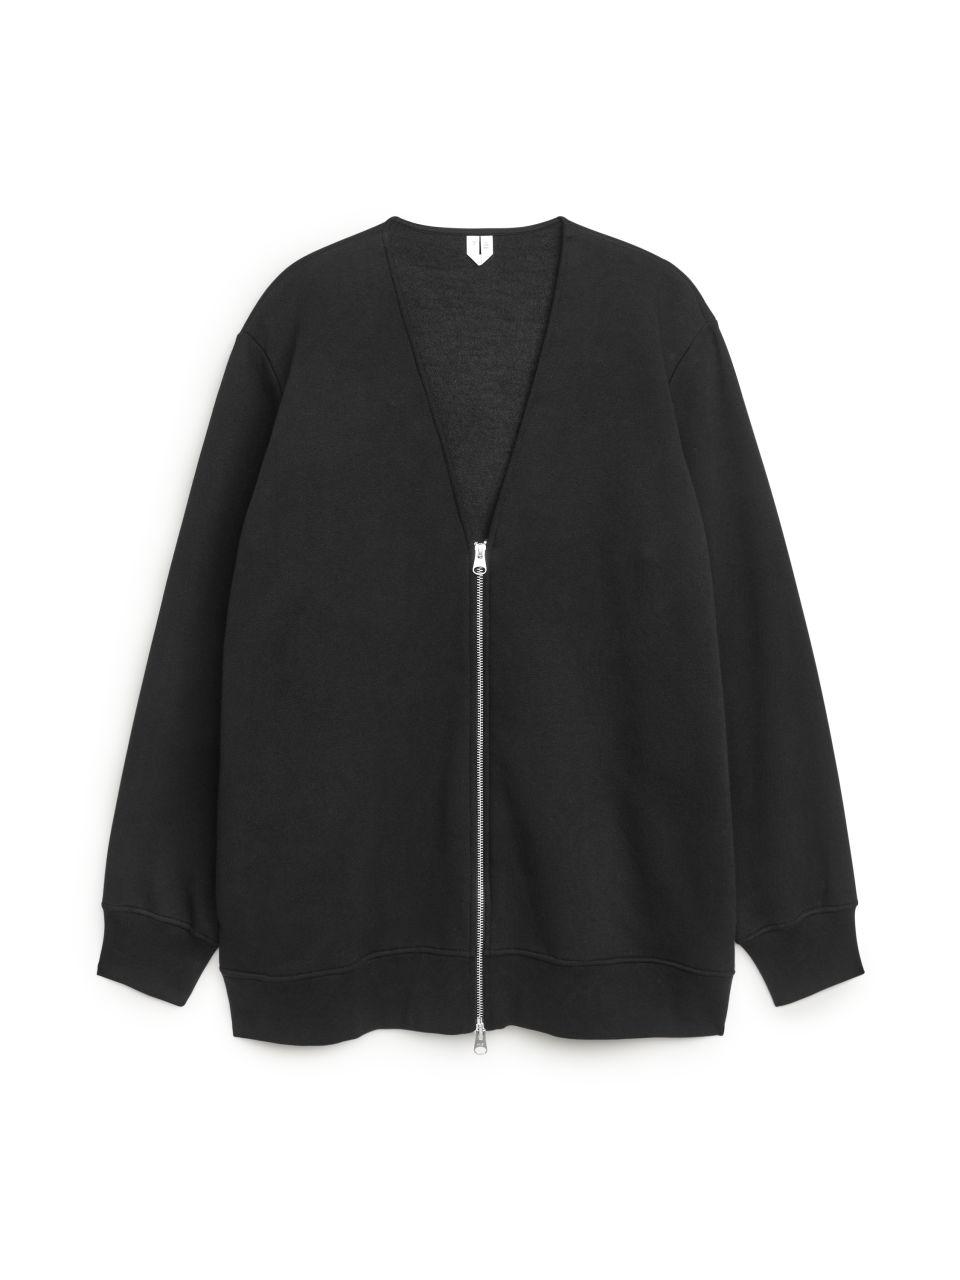 Sweatshirt Zip Cardigan - Black